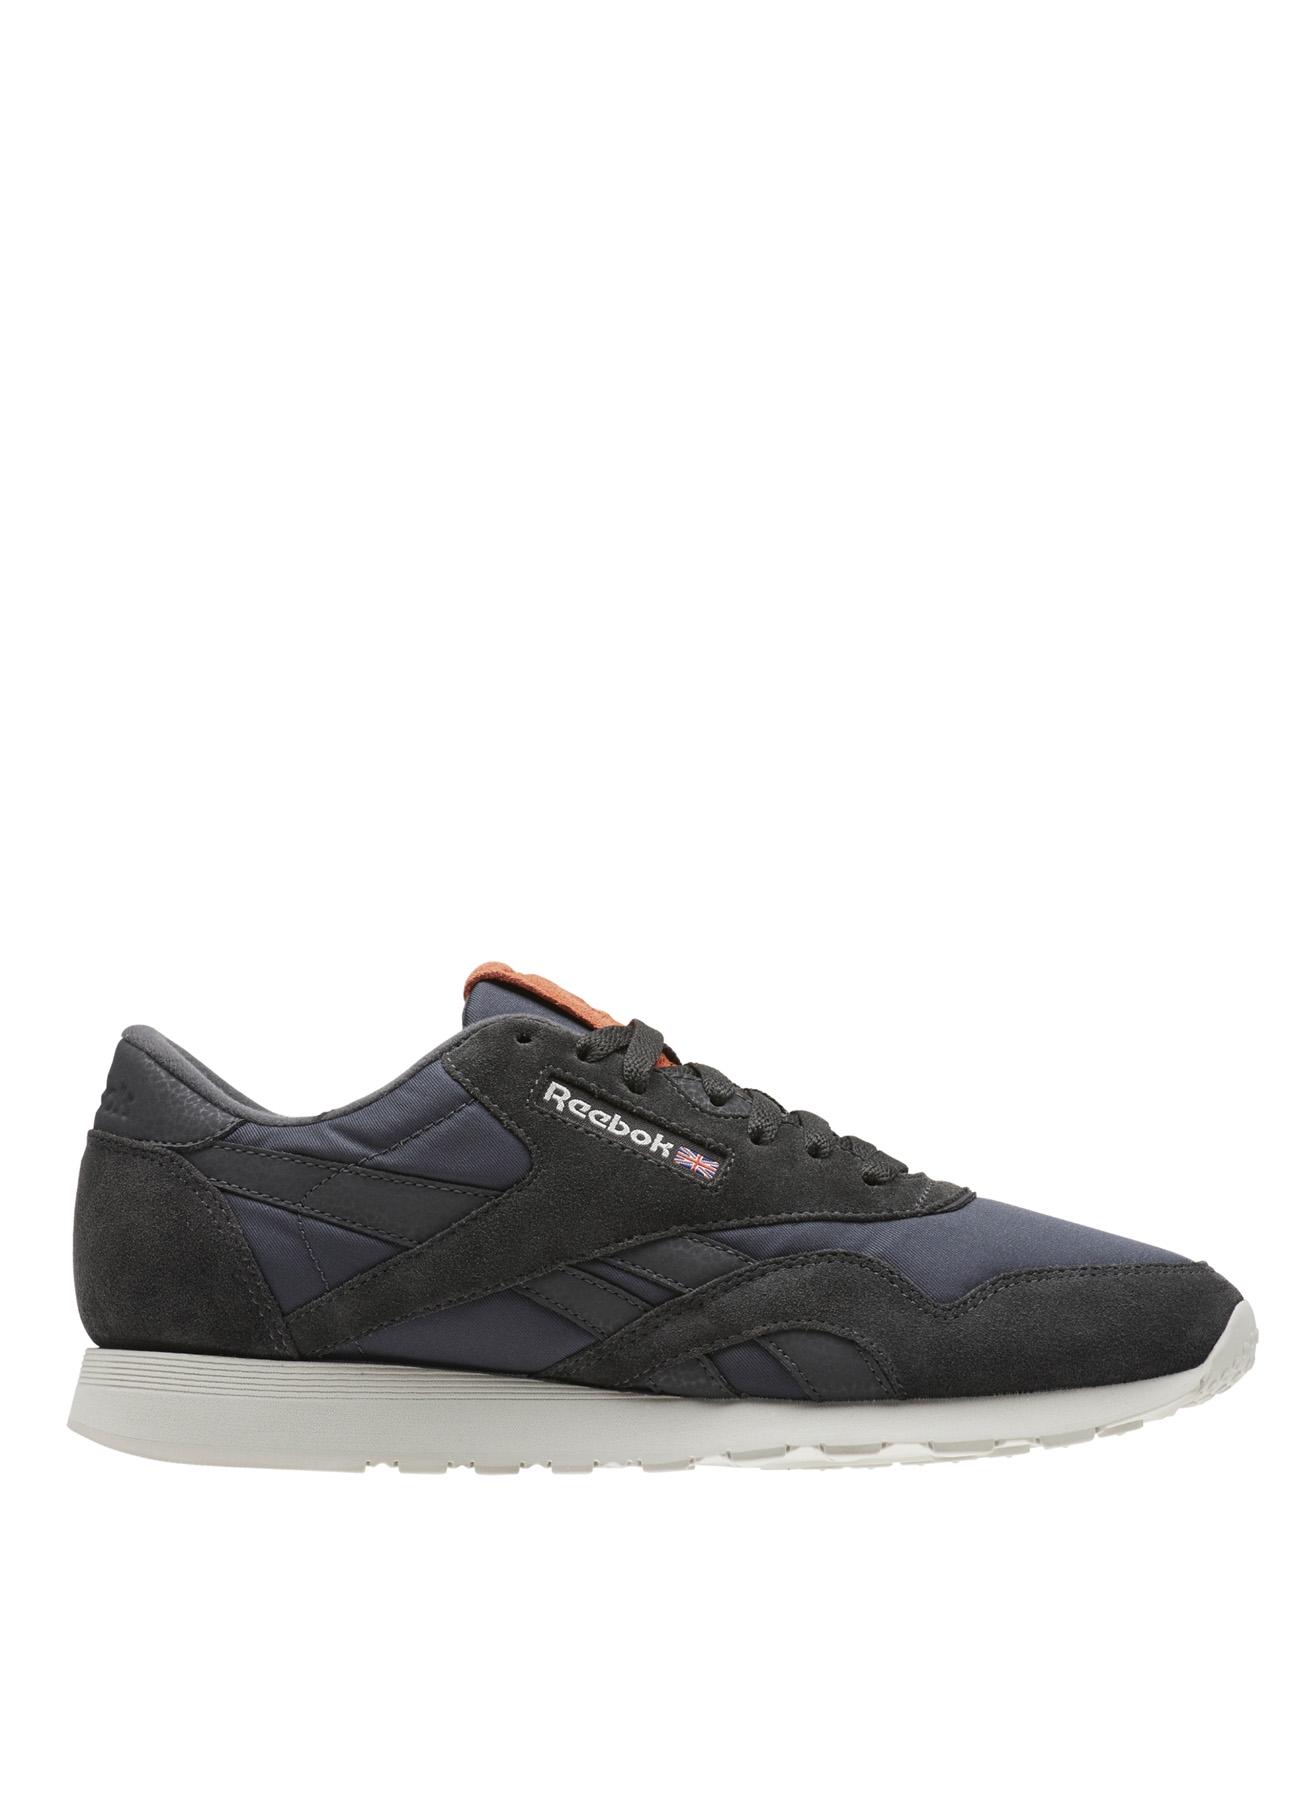 Reebok CL Nylon M Lıfestyle Ayakkabı 44 5001633250007 Ürün Resmi